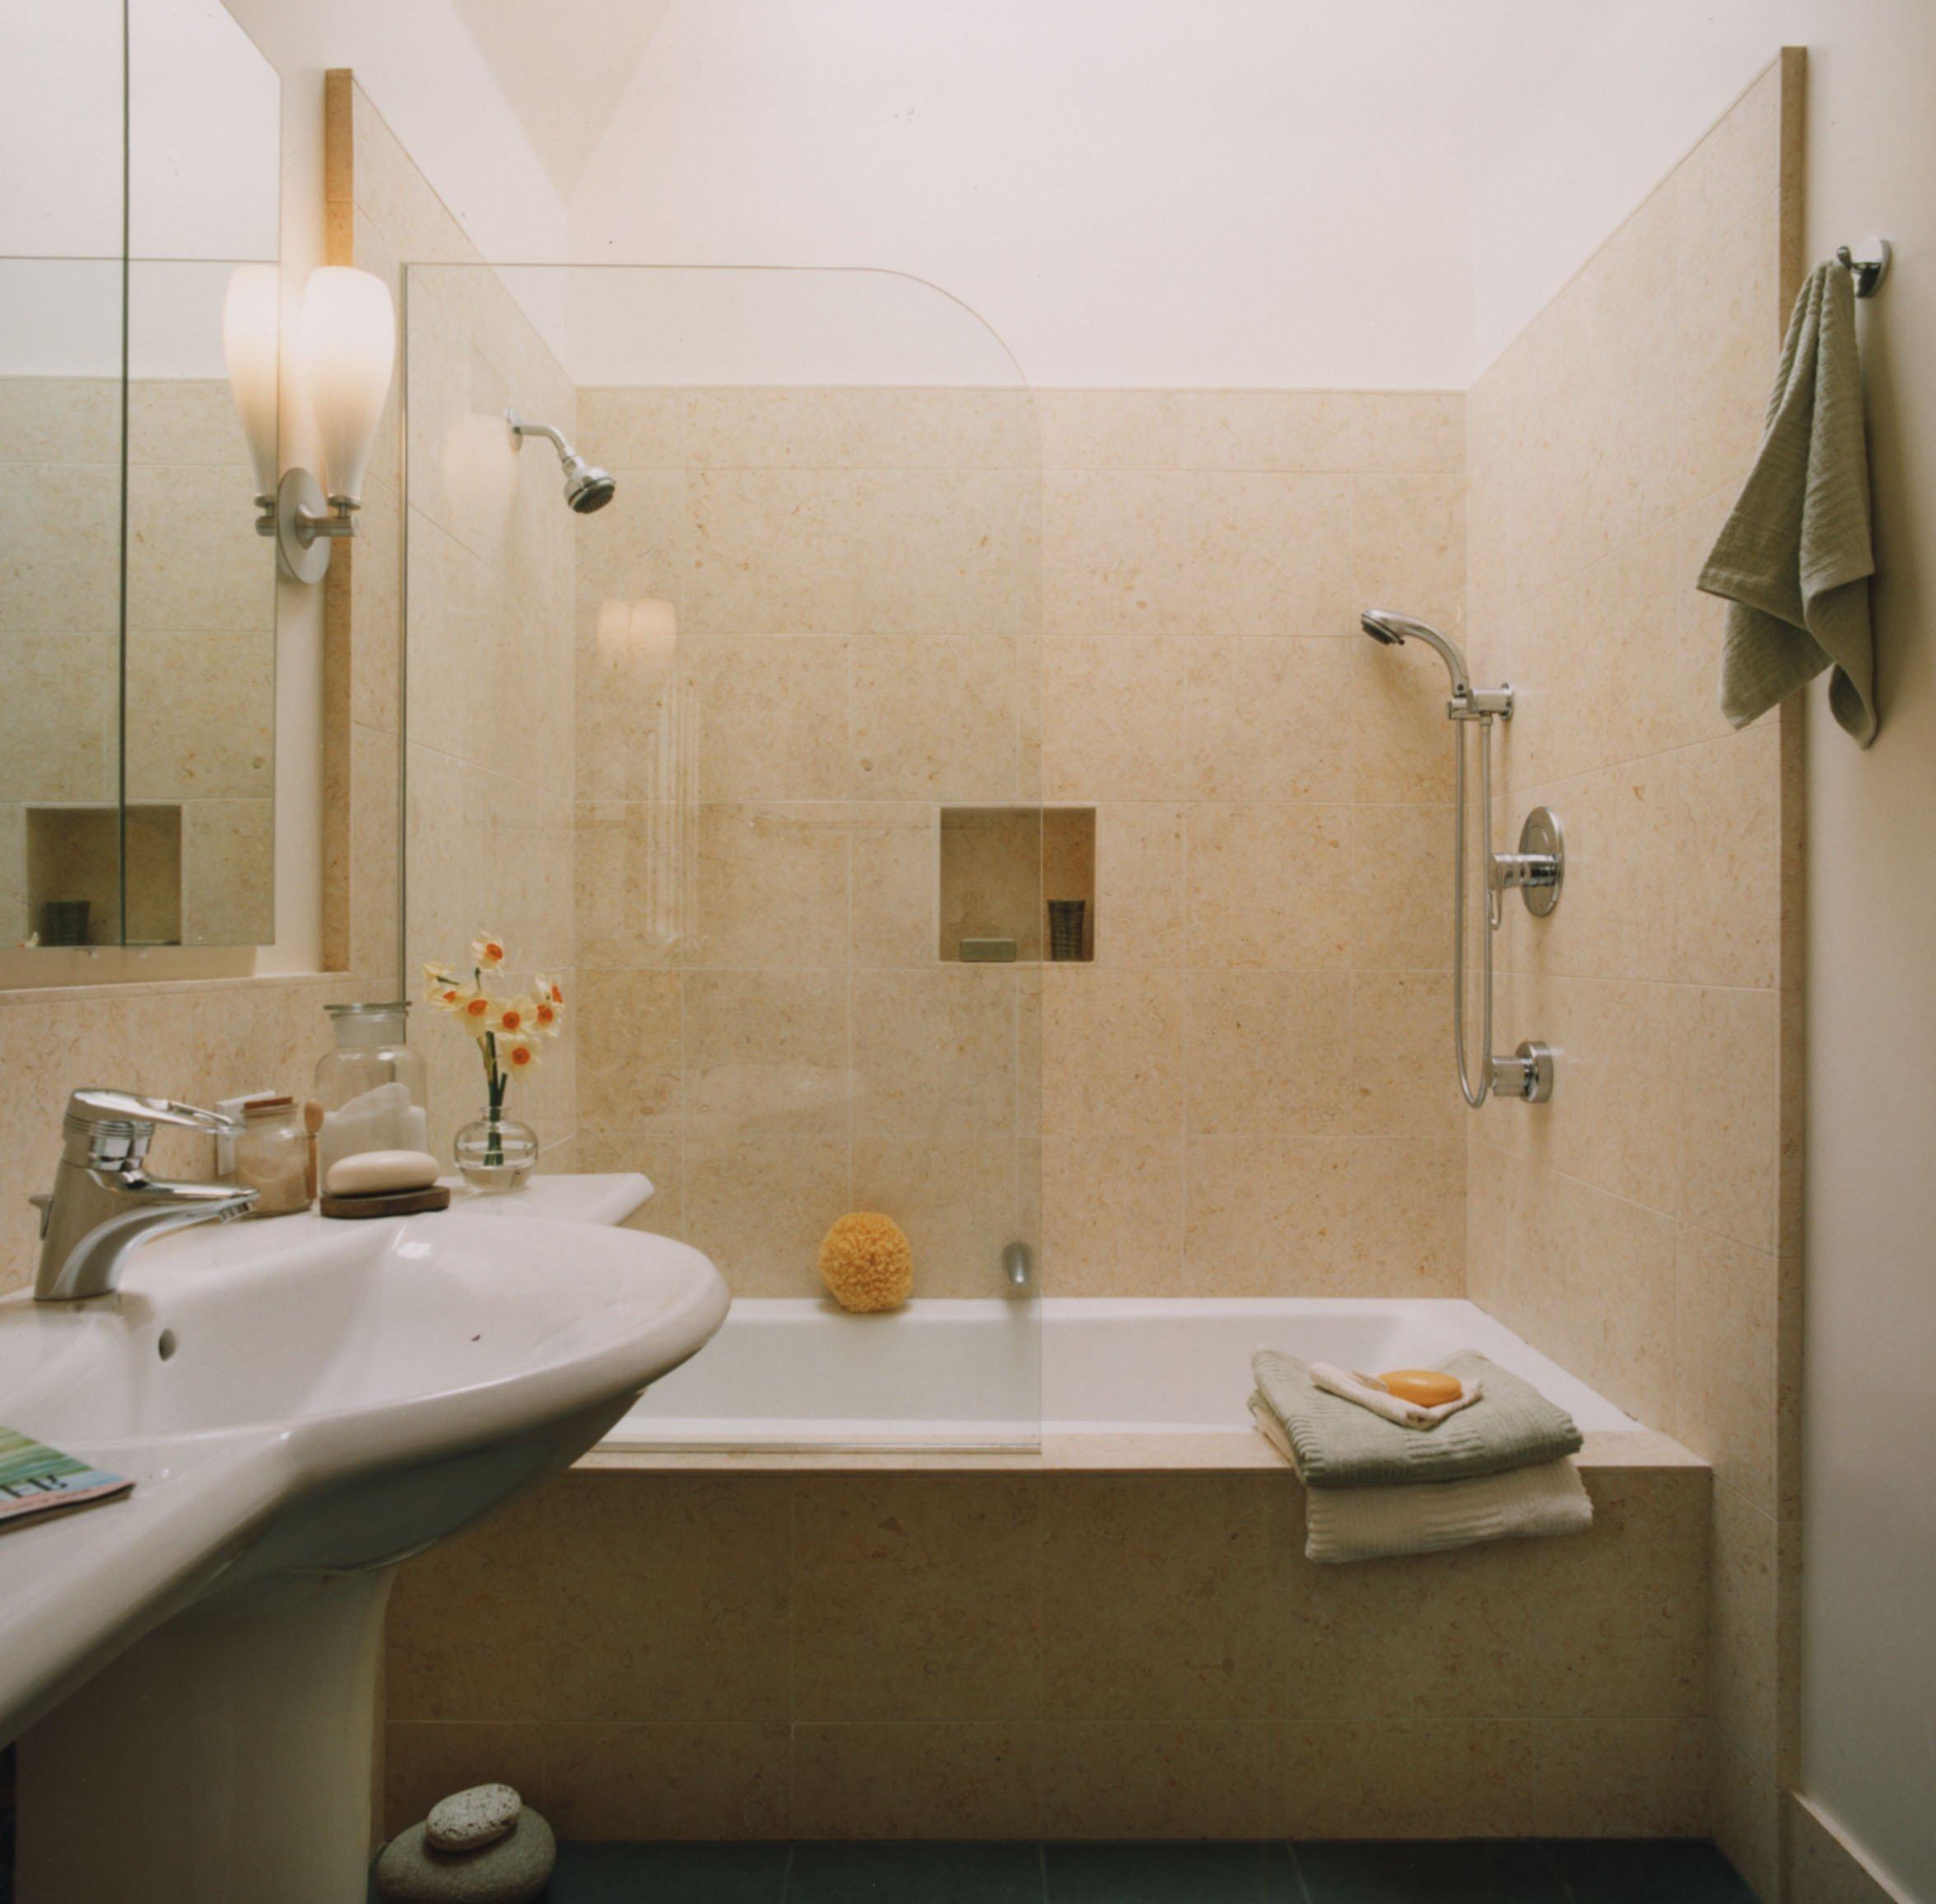 Как красиво сделать ремонт в ванной фото хрущевка